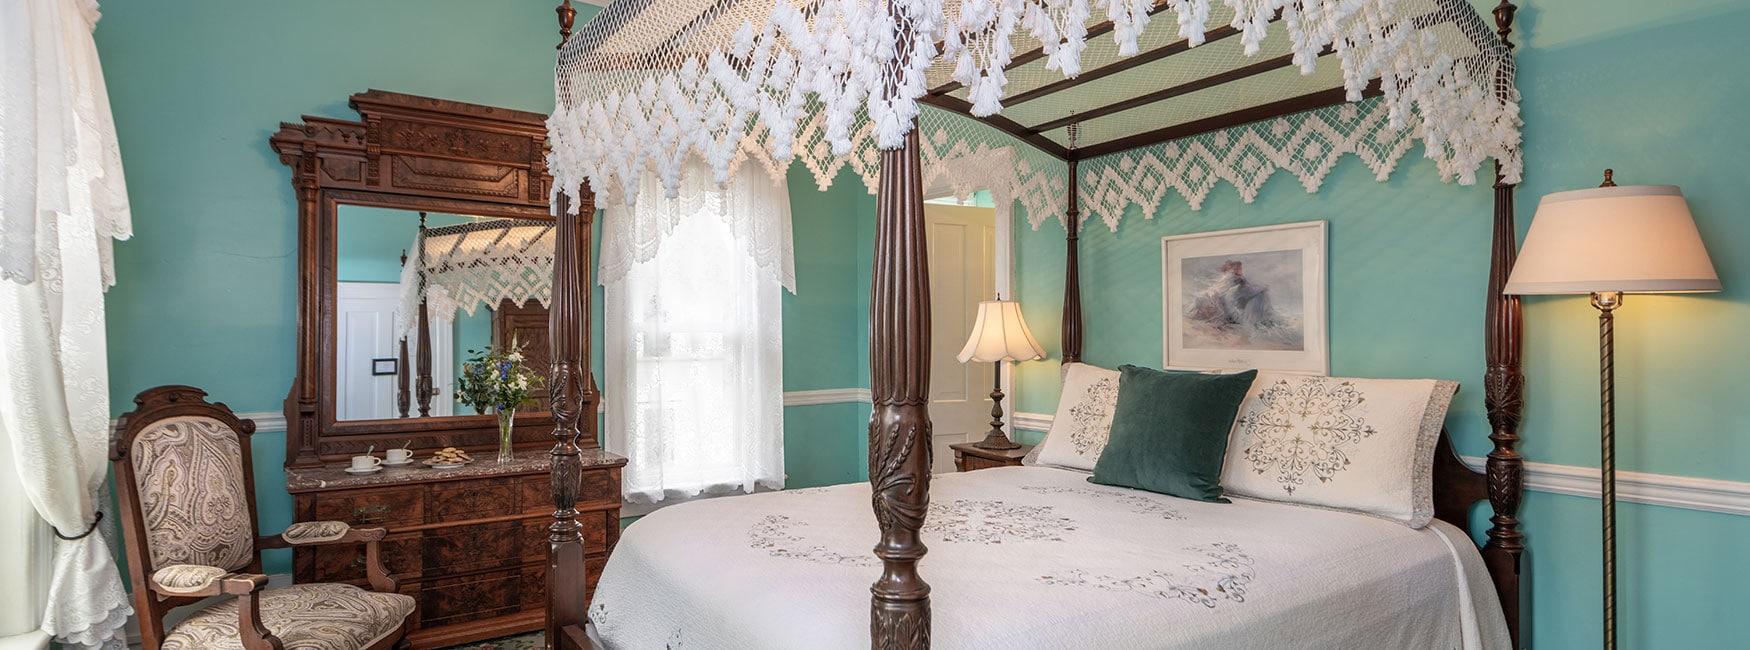 Bridget guest room